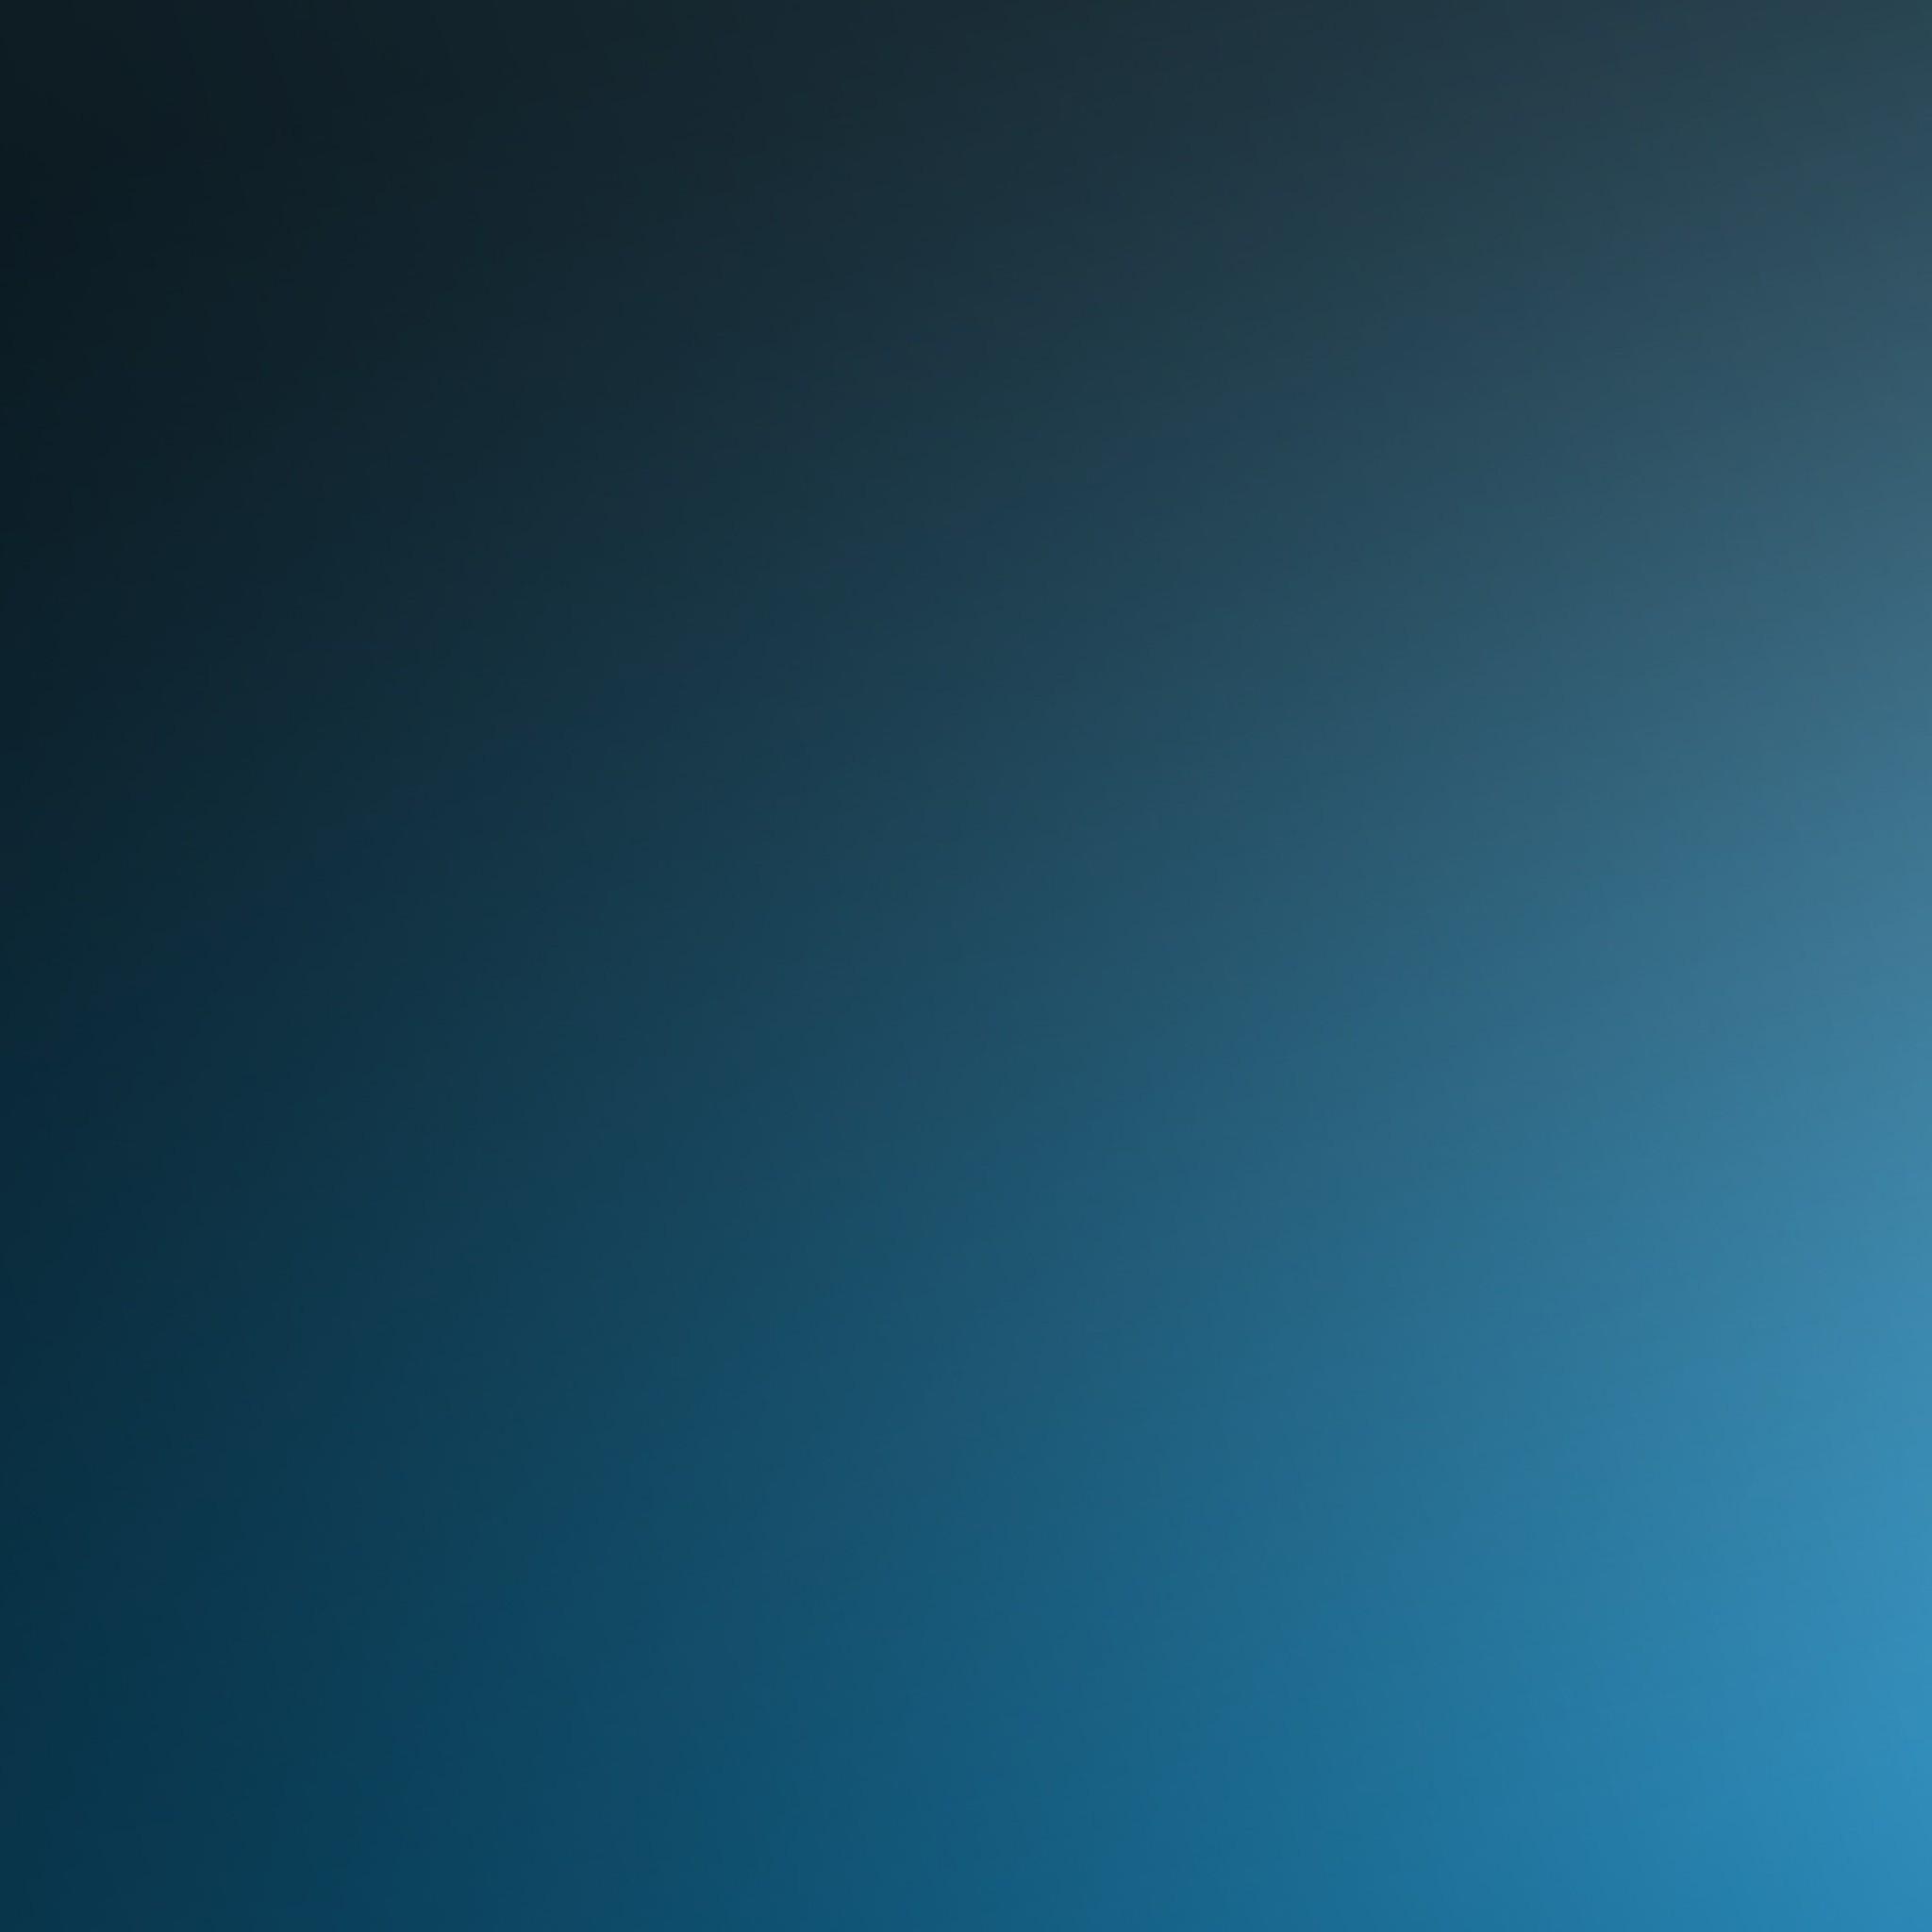 Solid Color Iphone Wallpaper 22725 HD Wallpaper Desktop – Res .